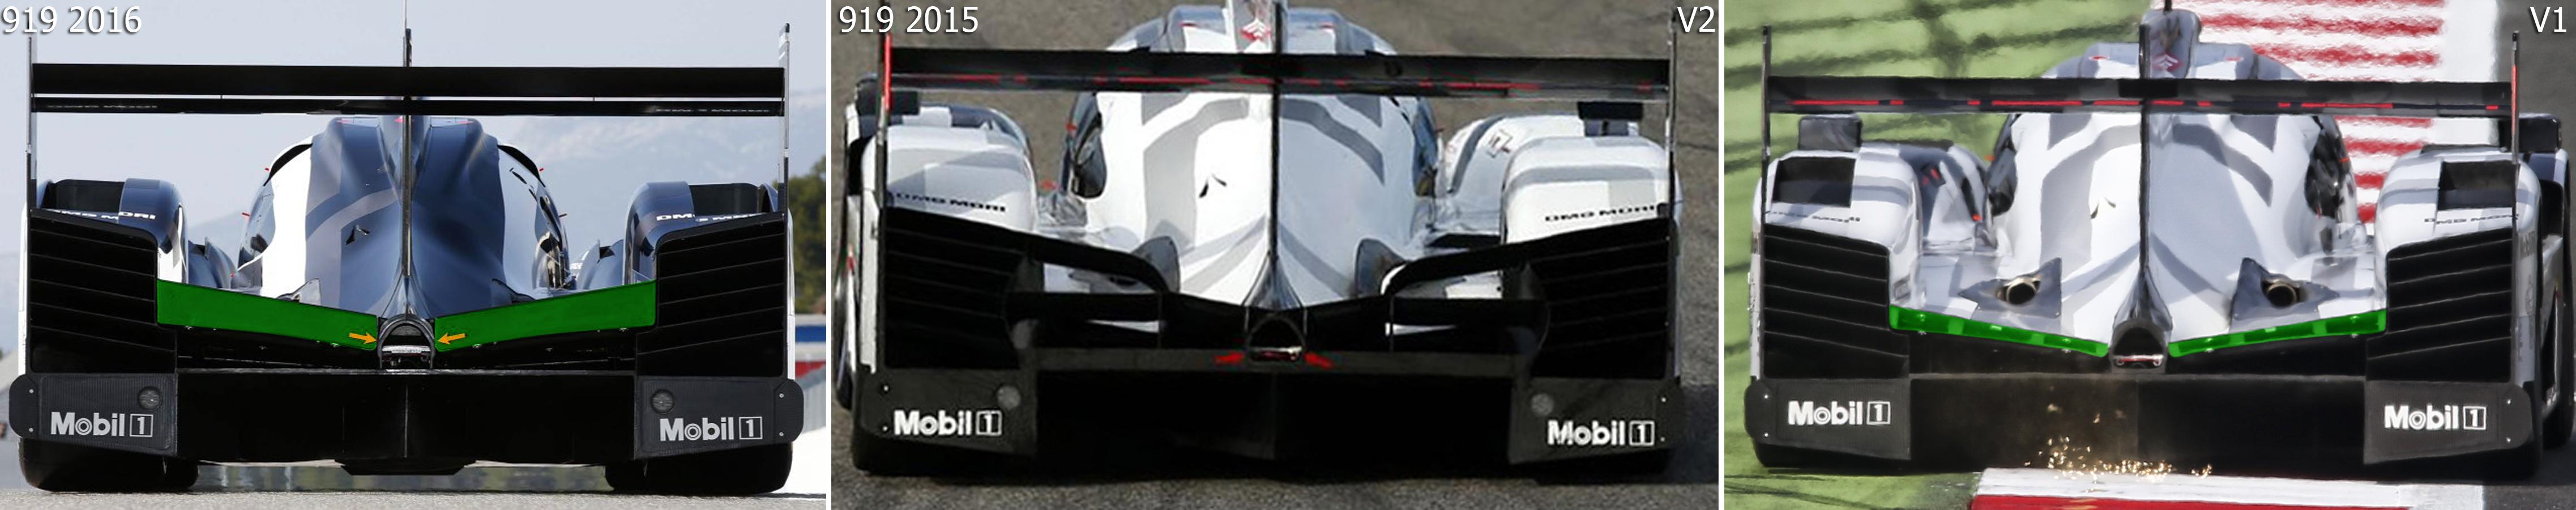 919-rear